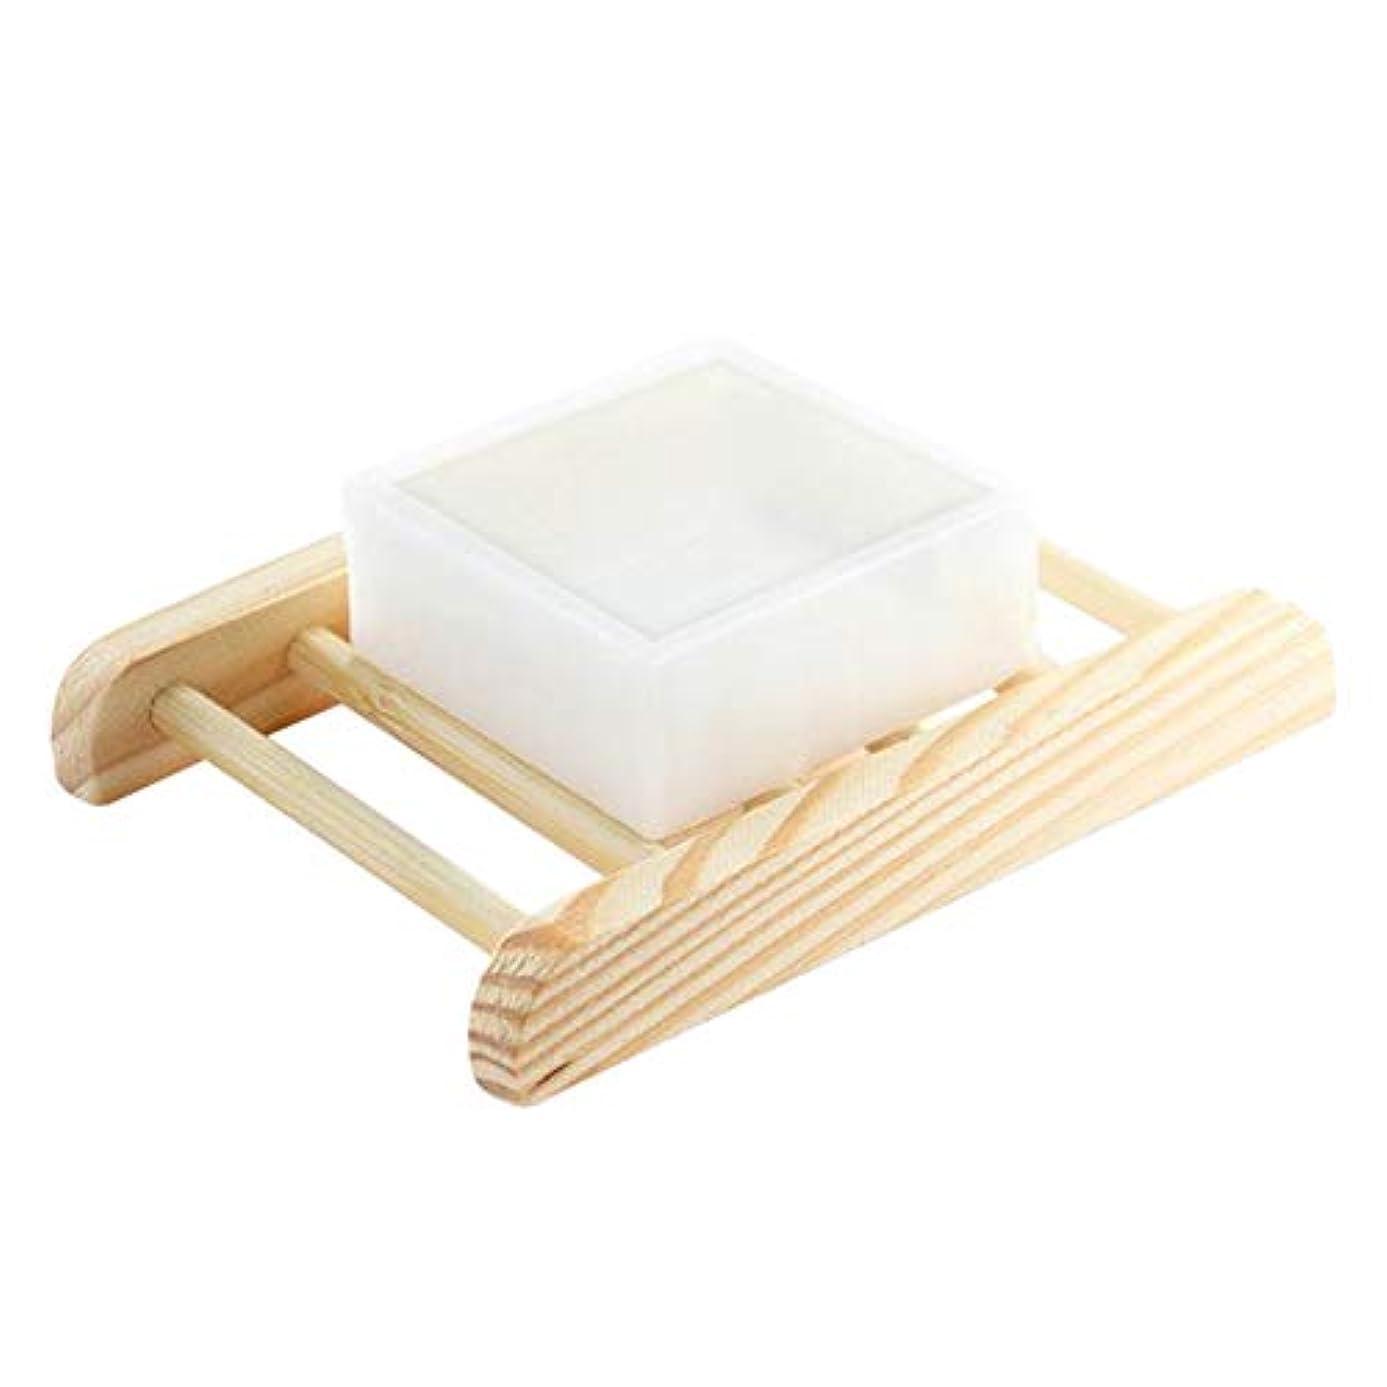 圧縮された簡潔な耐久Kaddima ハンドメイド石鹸発酵ボディネックアームのホワイトニングホワイトニングソープ